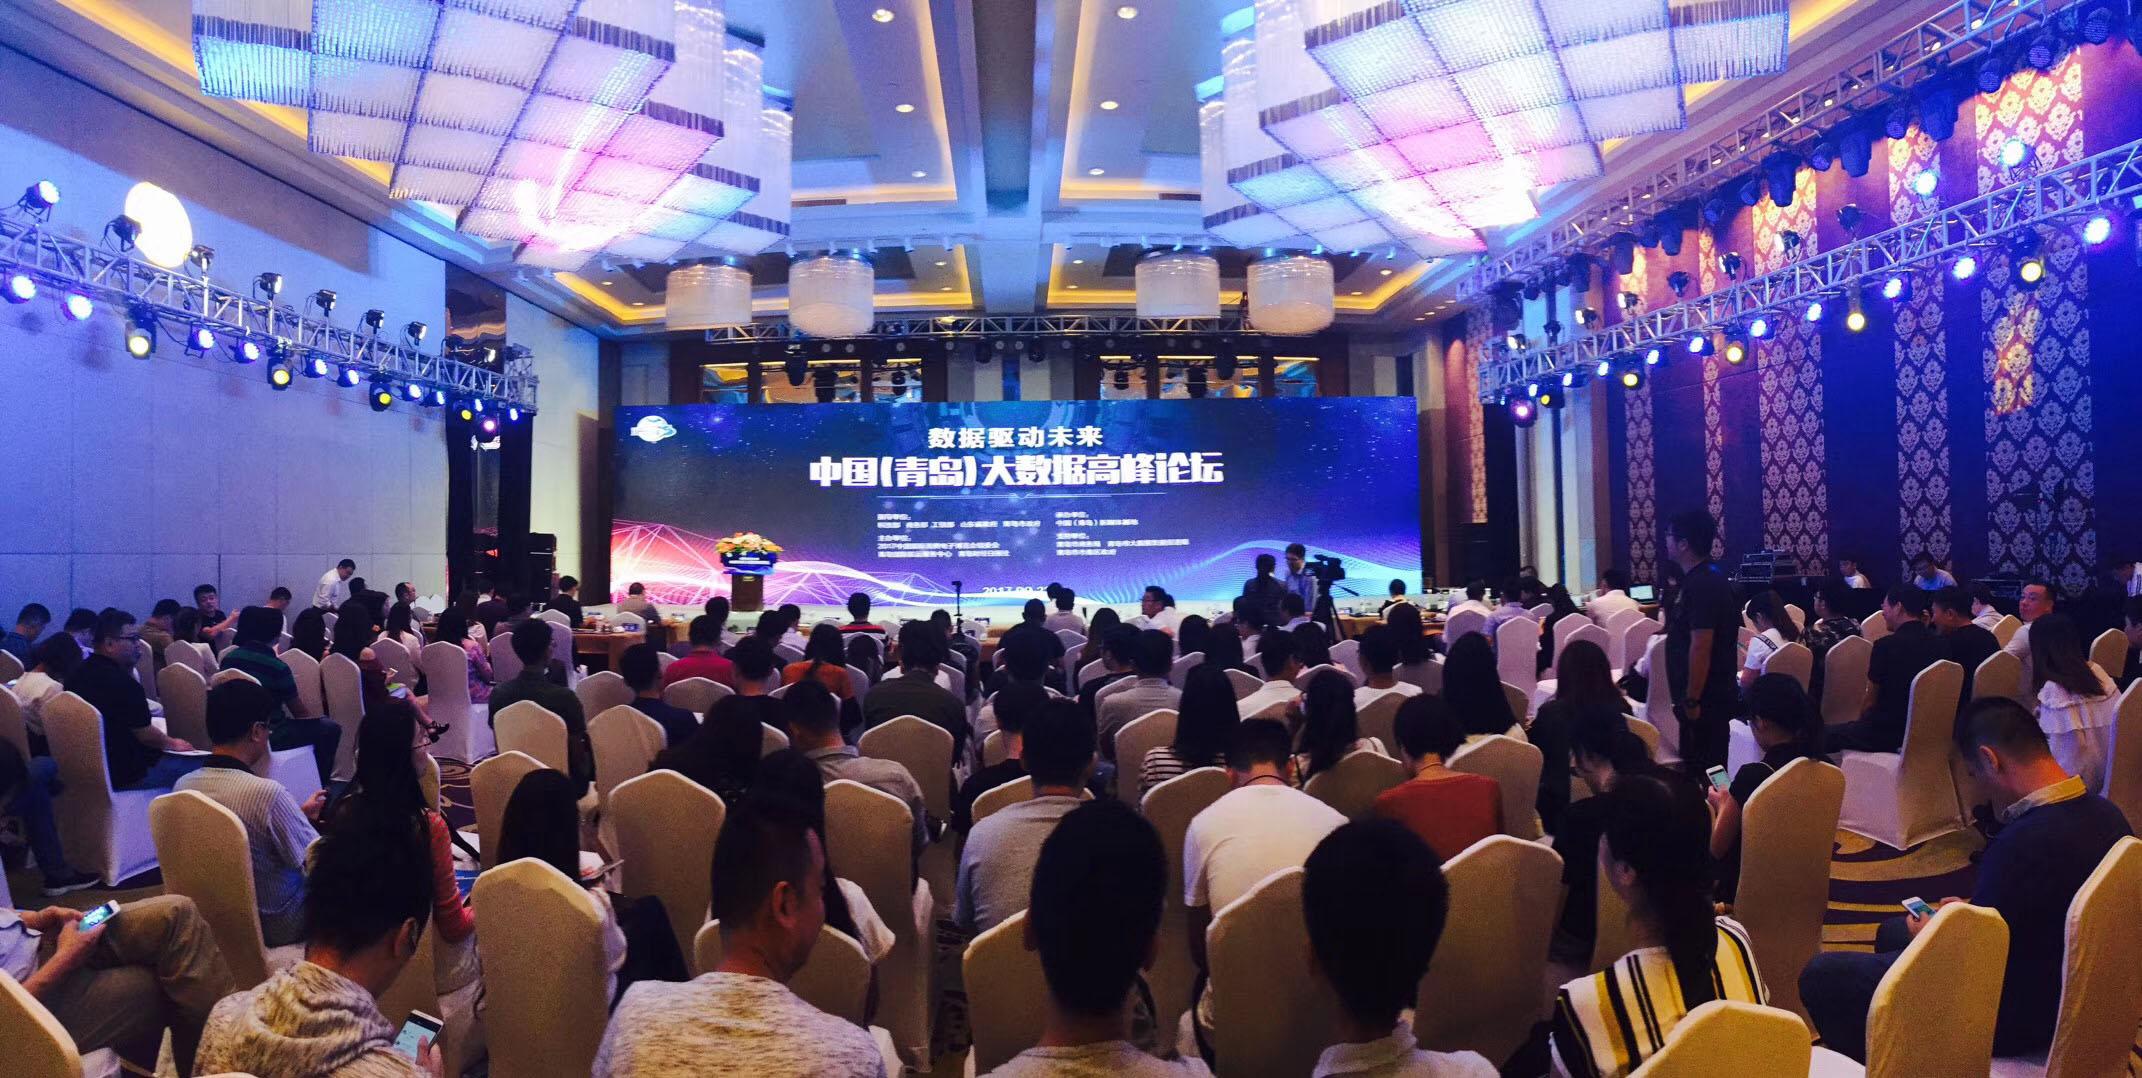 2017中国国际大数据论坛在青隆重召开 引爆数据时代